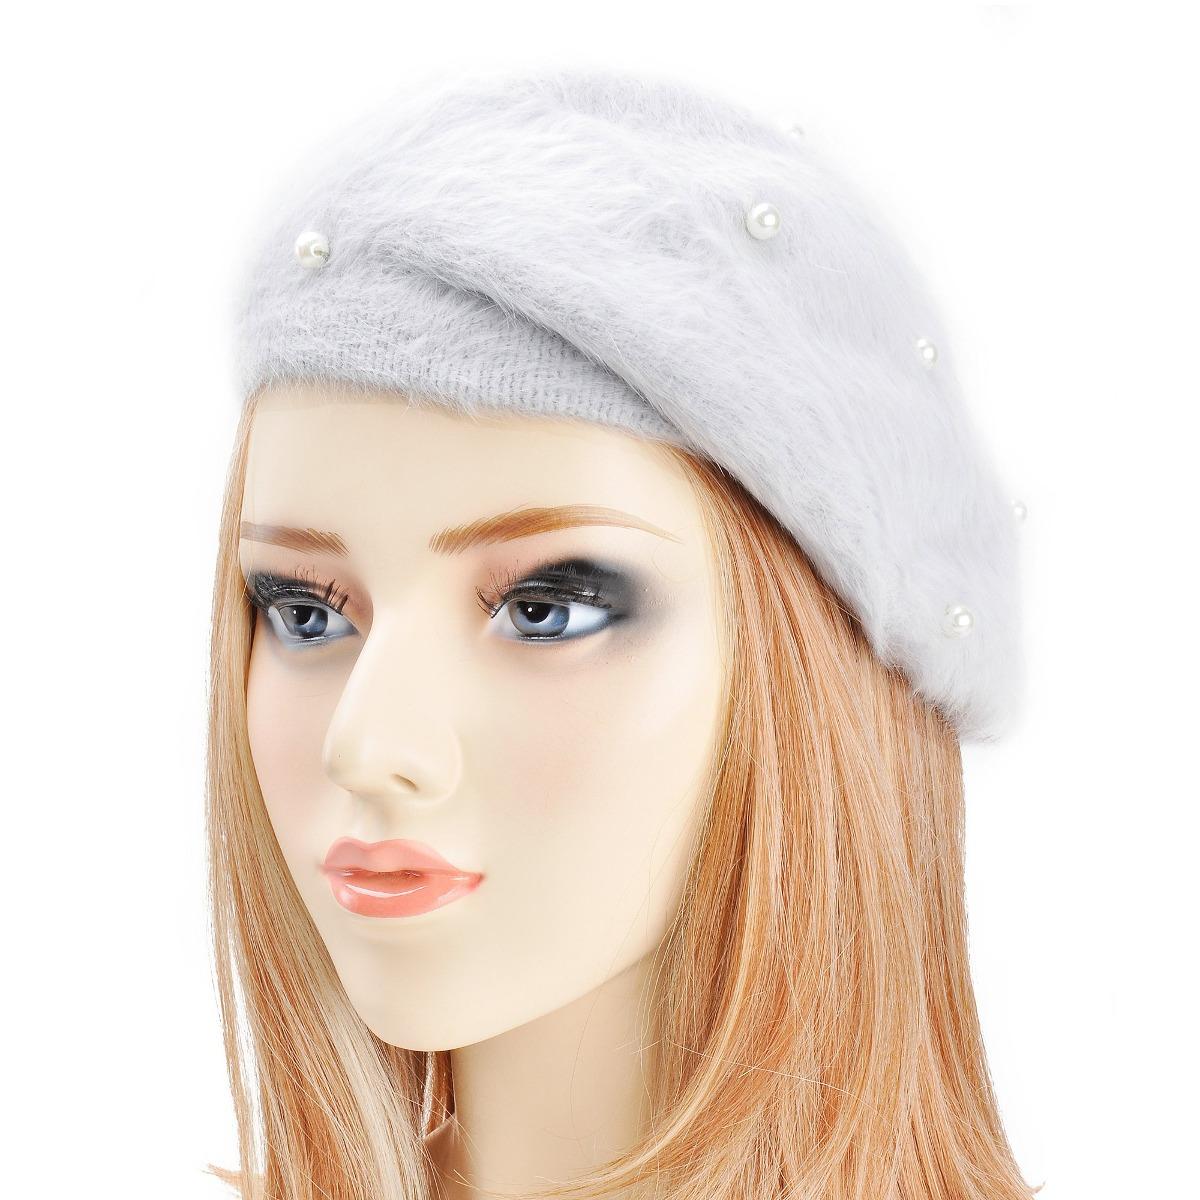 zlyc las mujeres conejo sombrero de la boina francesa con. Cargando zoom. 7f1fcadd40d